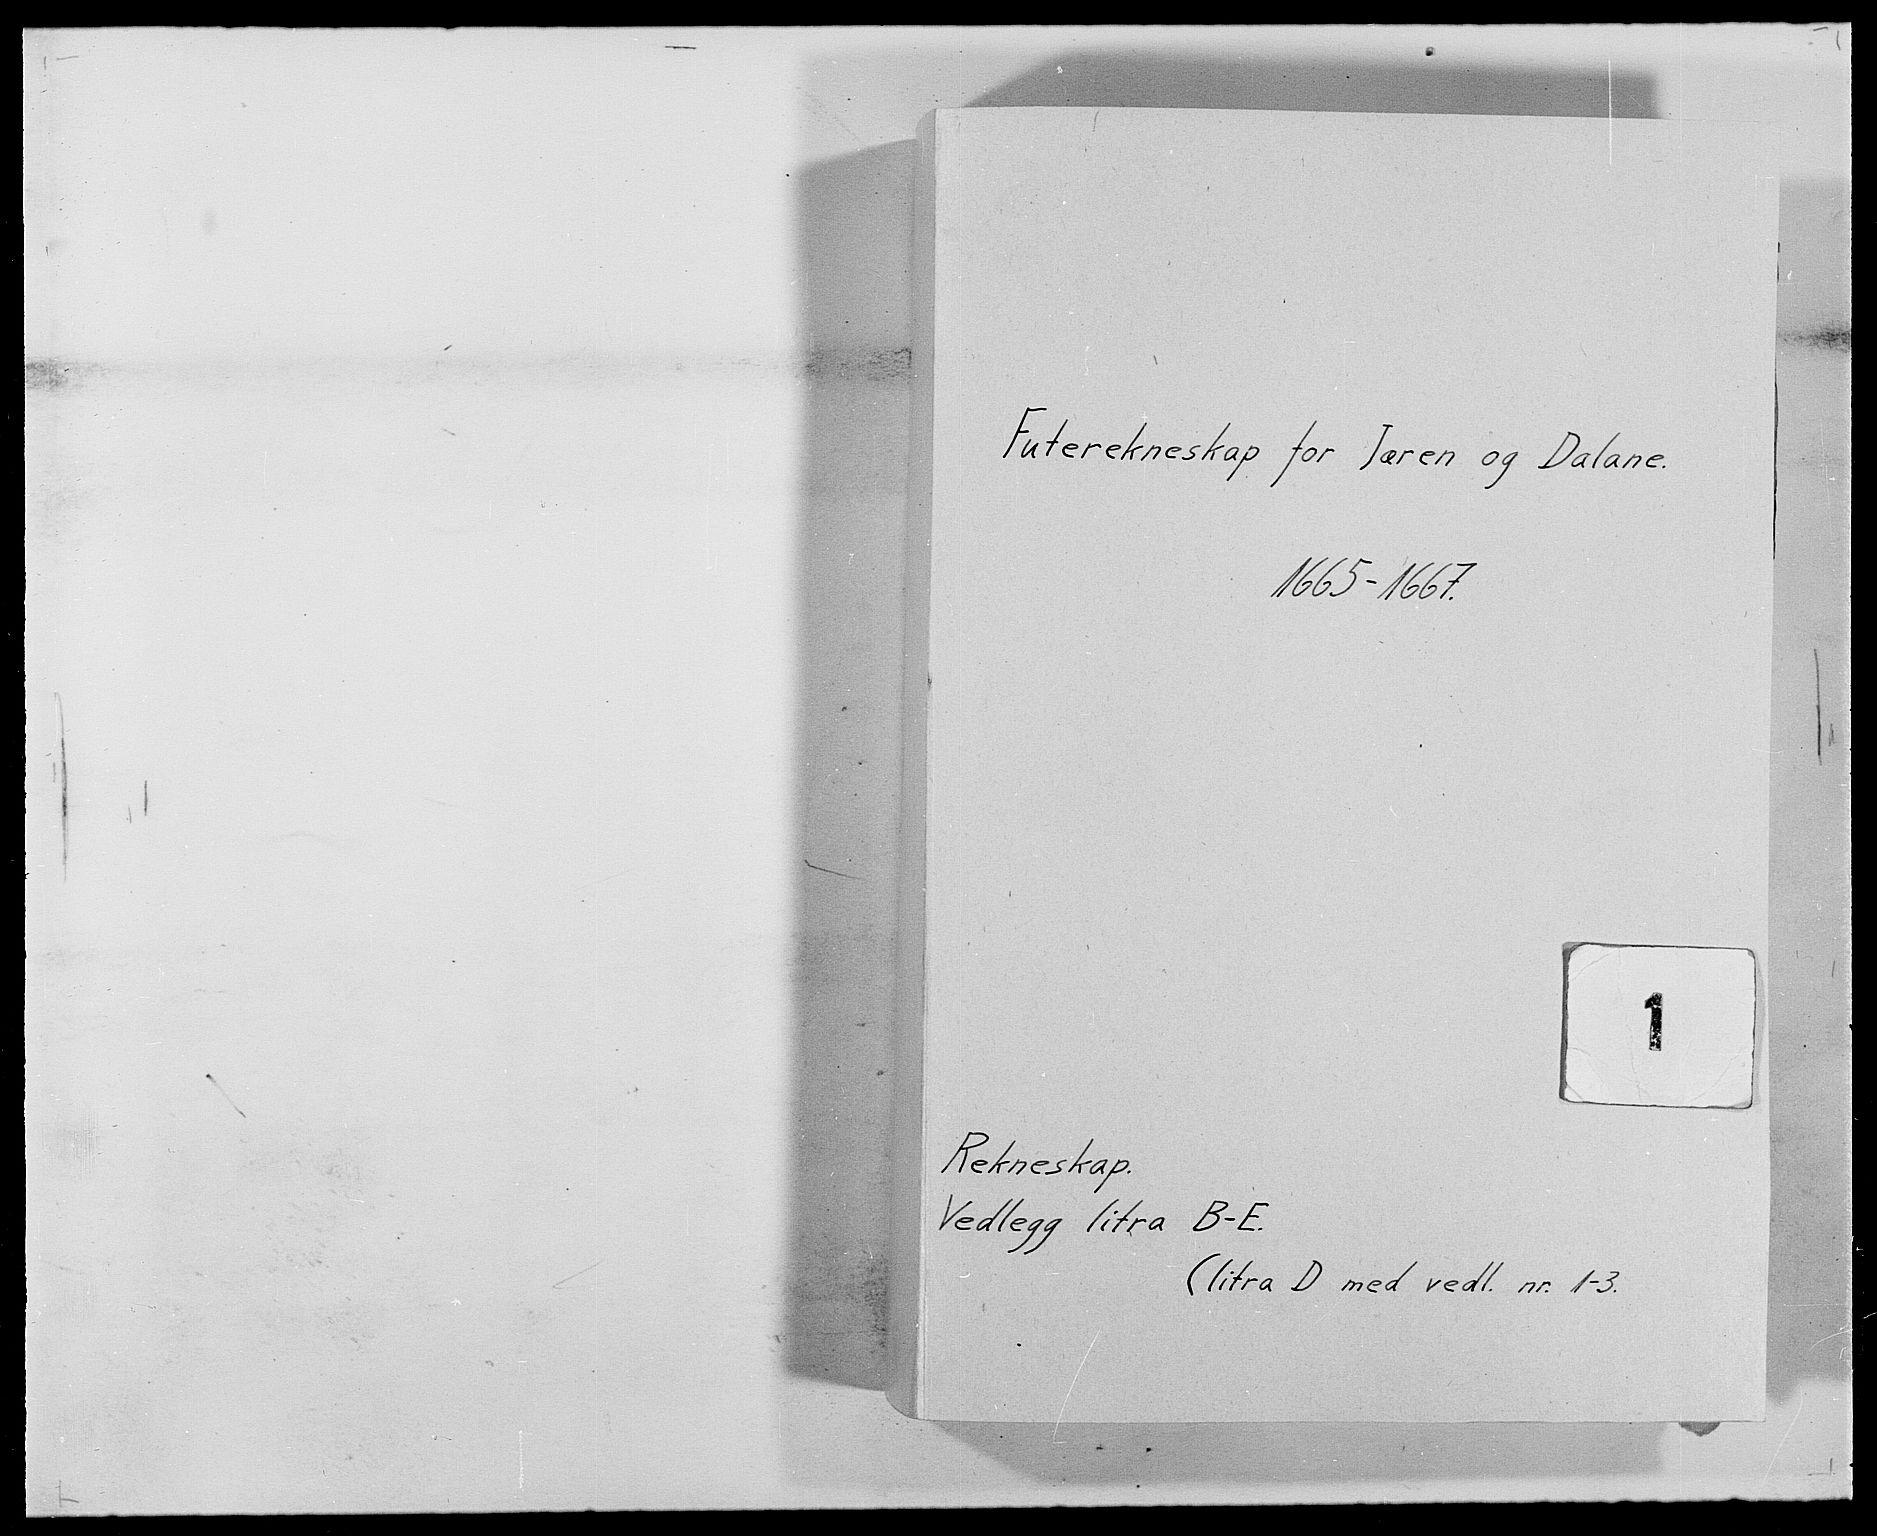 RA, Rentekammeret inntil 1814, Reviderte regnskaper, Fogderegnskap, R46/L2709: Fogderegnskap Jæren og Dalane, 1665-1667, s. 1